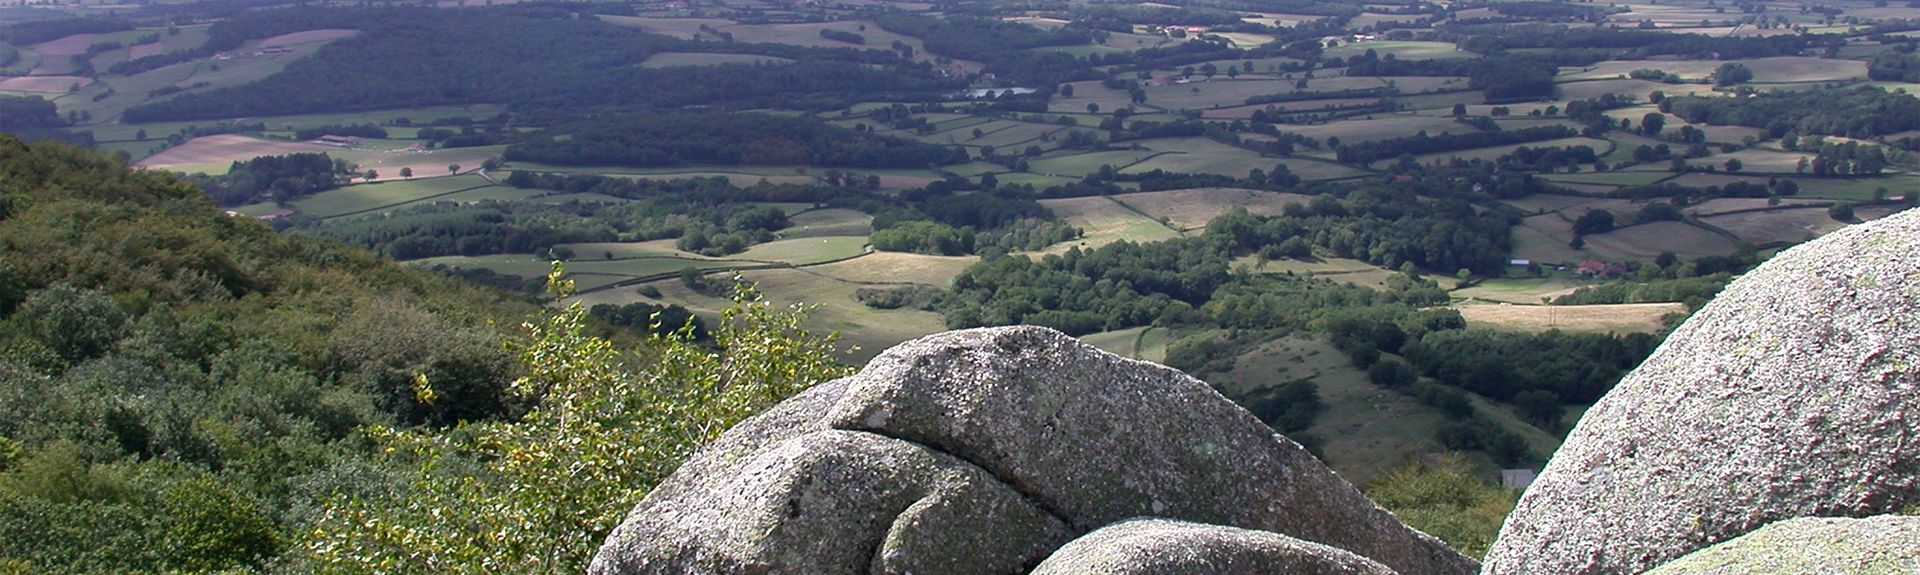 Épinac, Saône-et-Loire (departamento), França